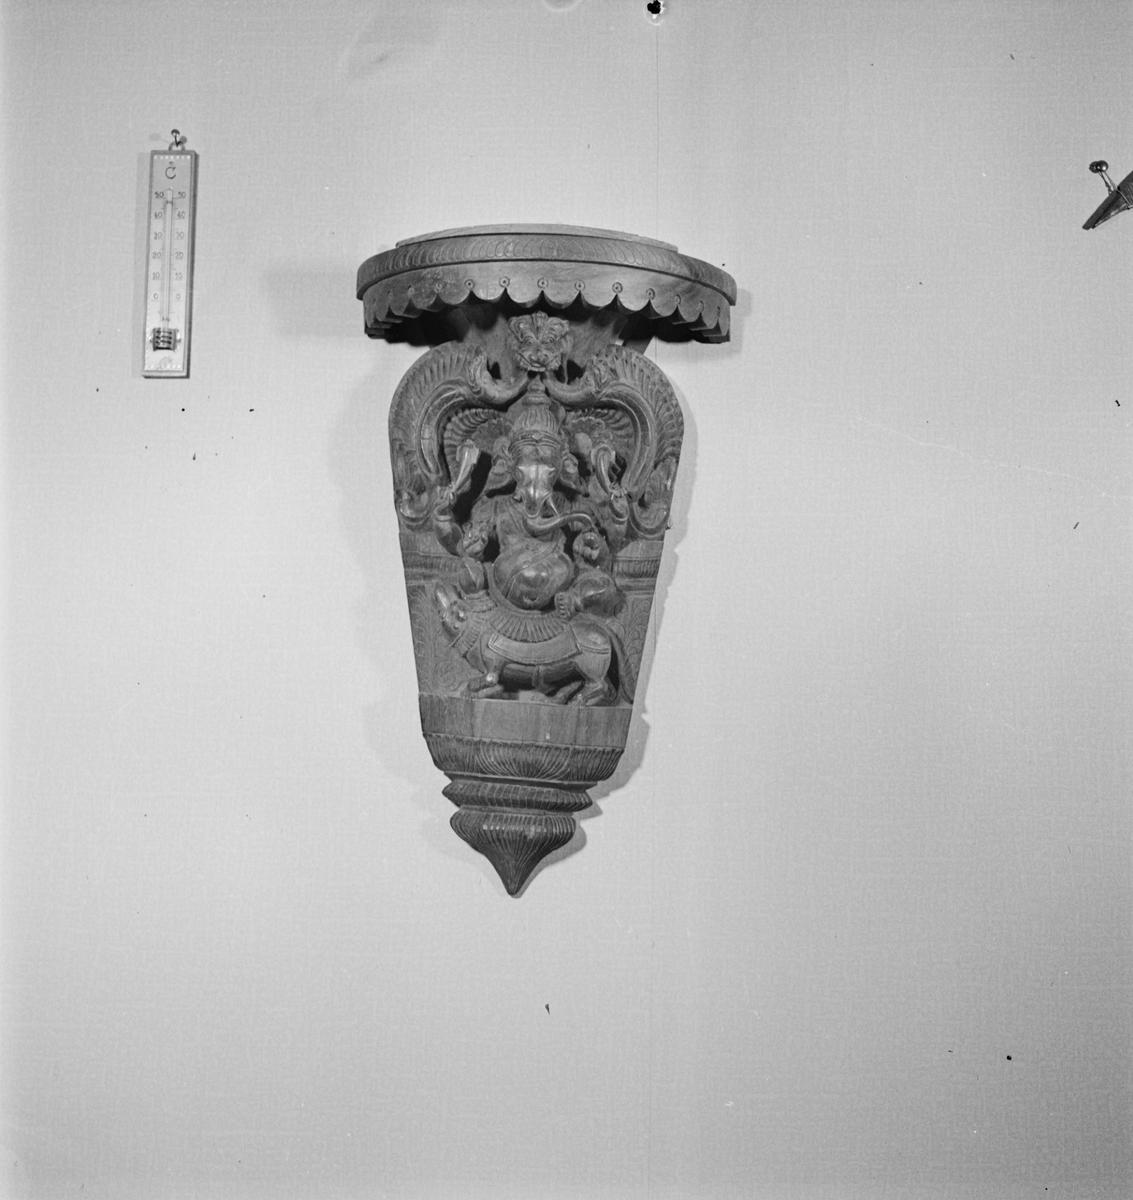 Styrelsen för Svenska kyrkans mission - smycke, sannolikt Uppsala 1952